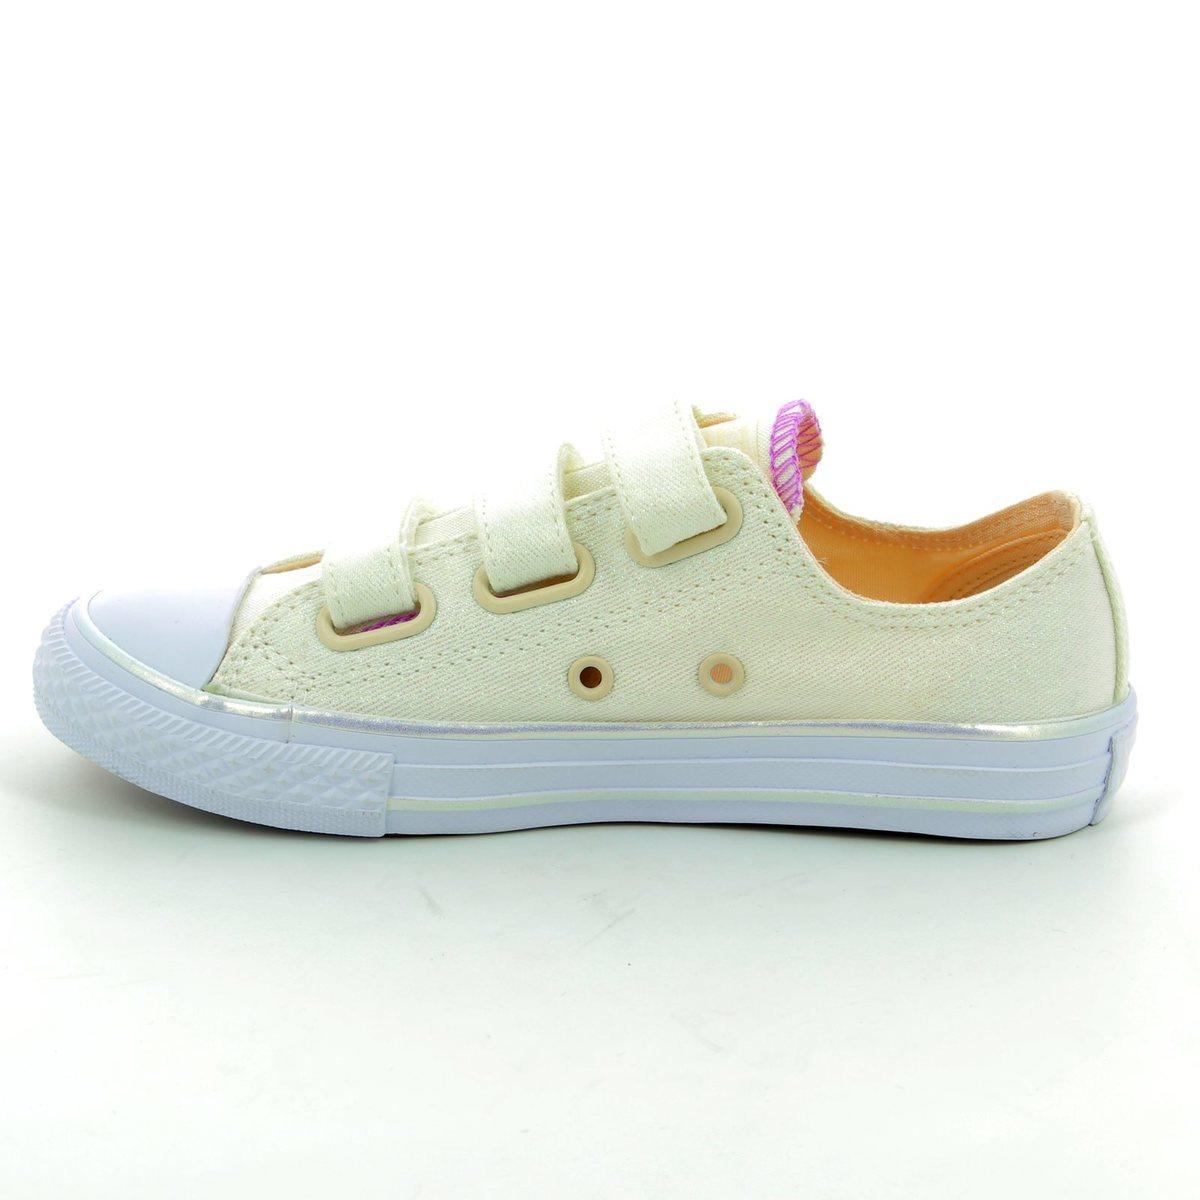 0a4a897440e8 Converse Trainers - White multi - 656041C 102 Chuck Taylor All Star 3V OX  Velcro